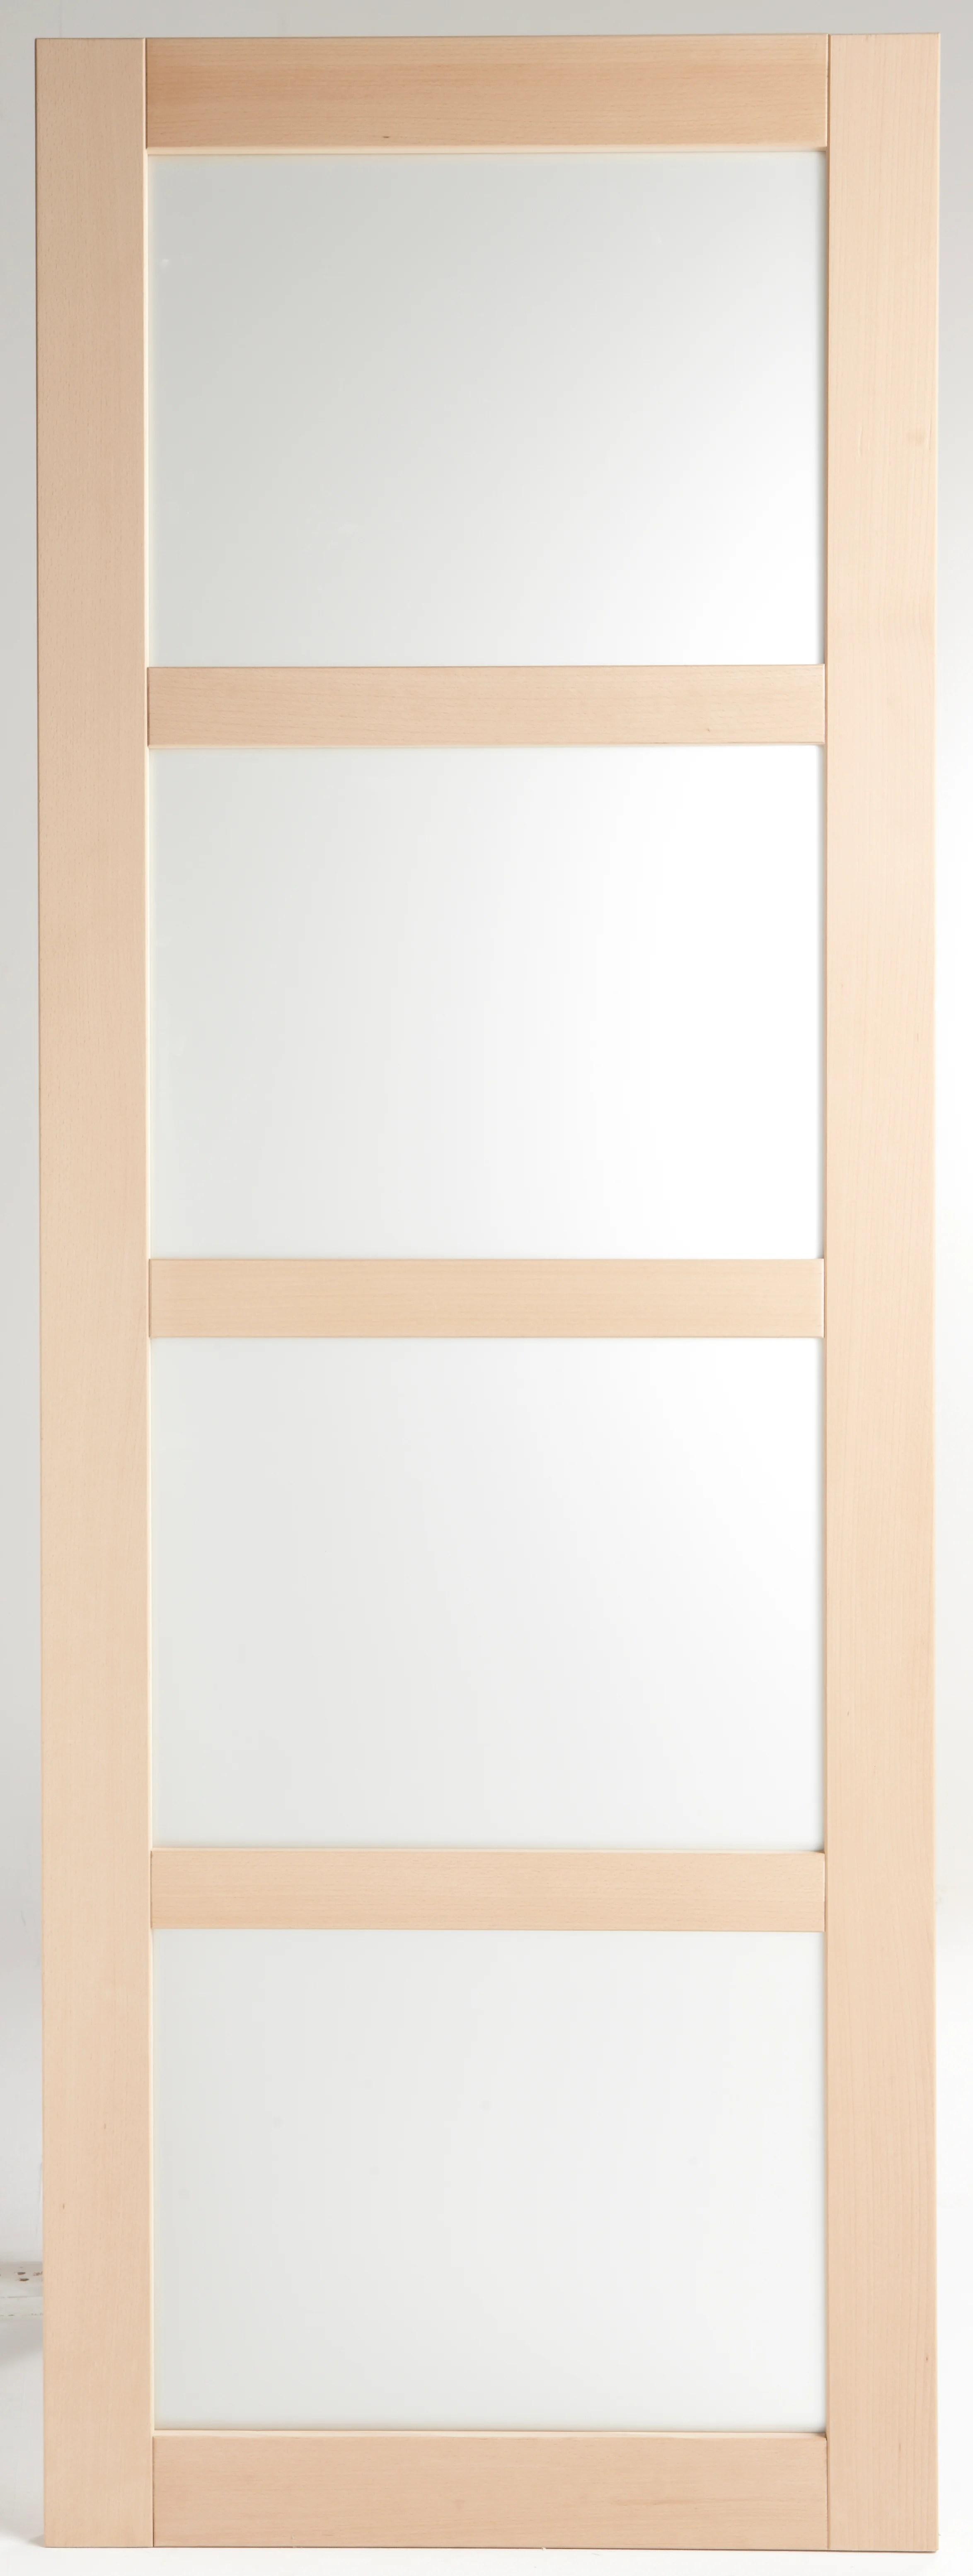 porte coulissante bois nova vitree h 204 x l 73 cm